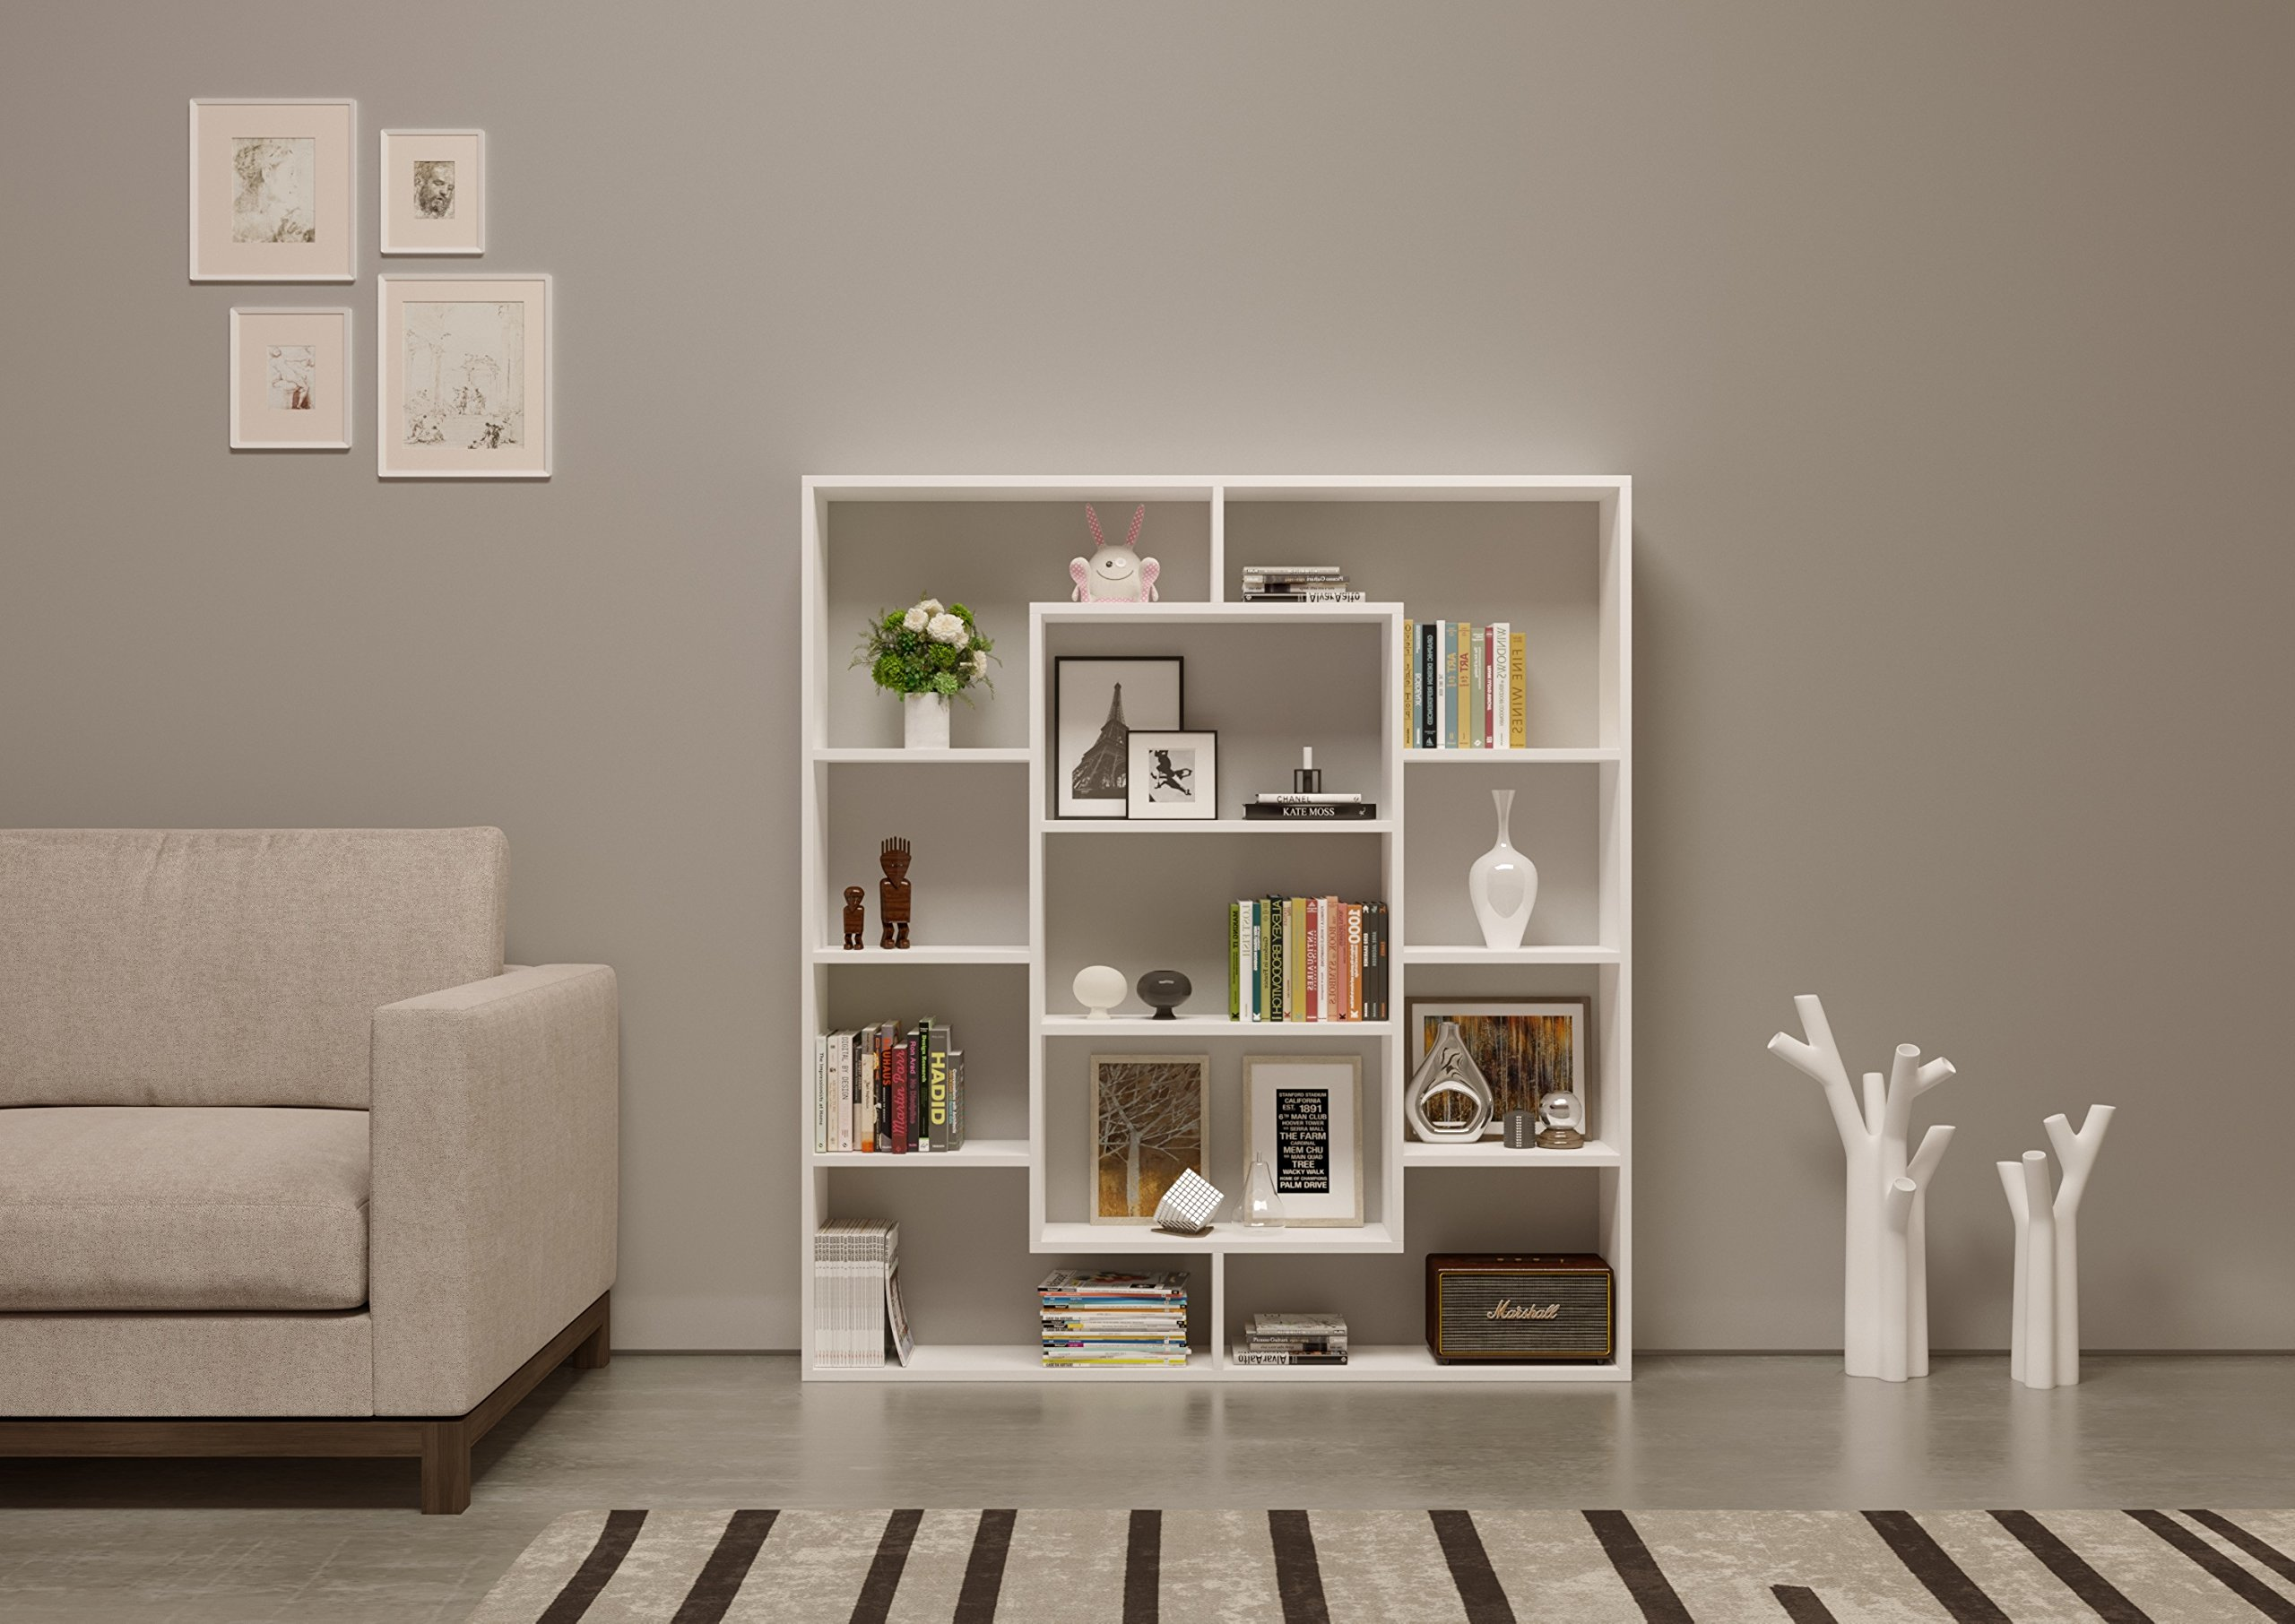 Librerie spazi originali per custodire i libri materialiedesign